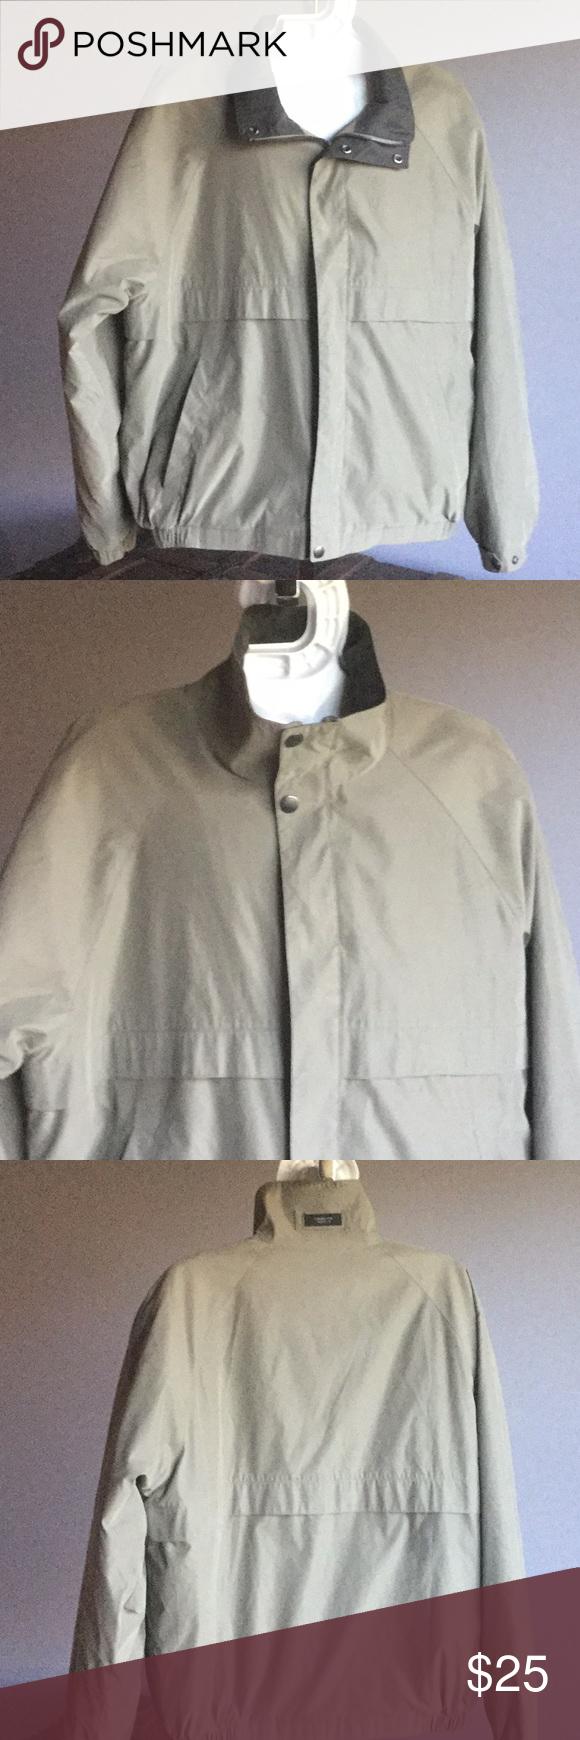 Claiborne Outerwear Mens Jacket Coat Tan Large Men S Coats And Jackets Outerwear Coats Jackets [ 1740 x 580 Pixel ]